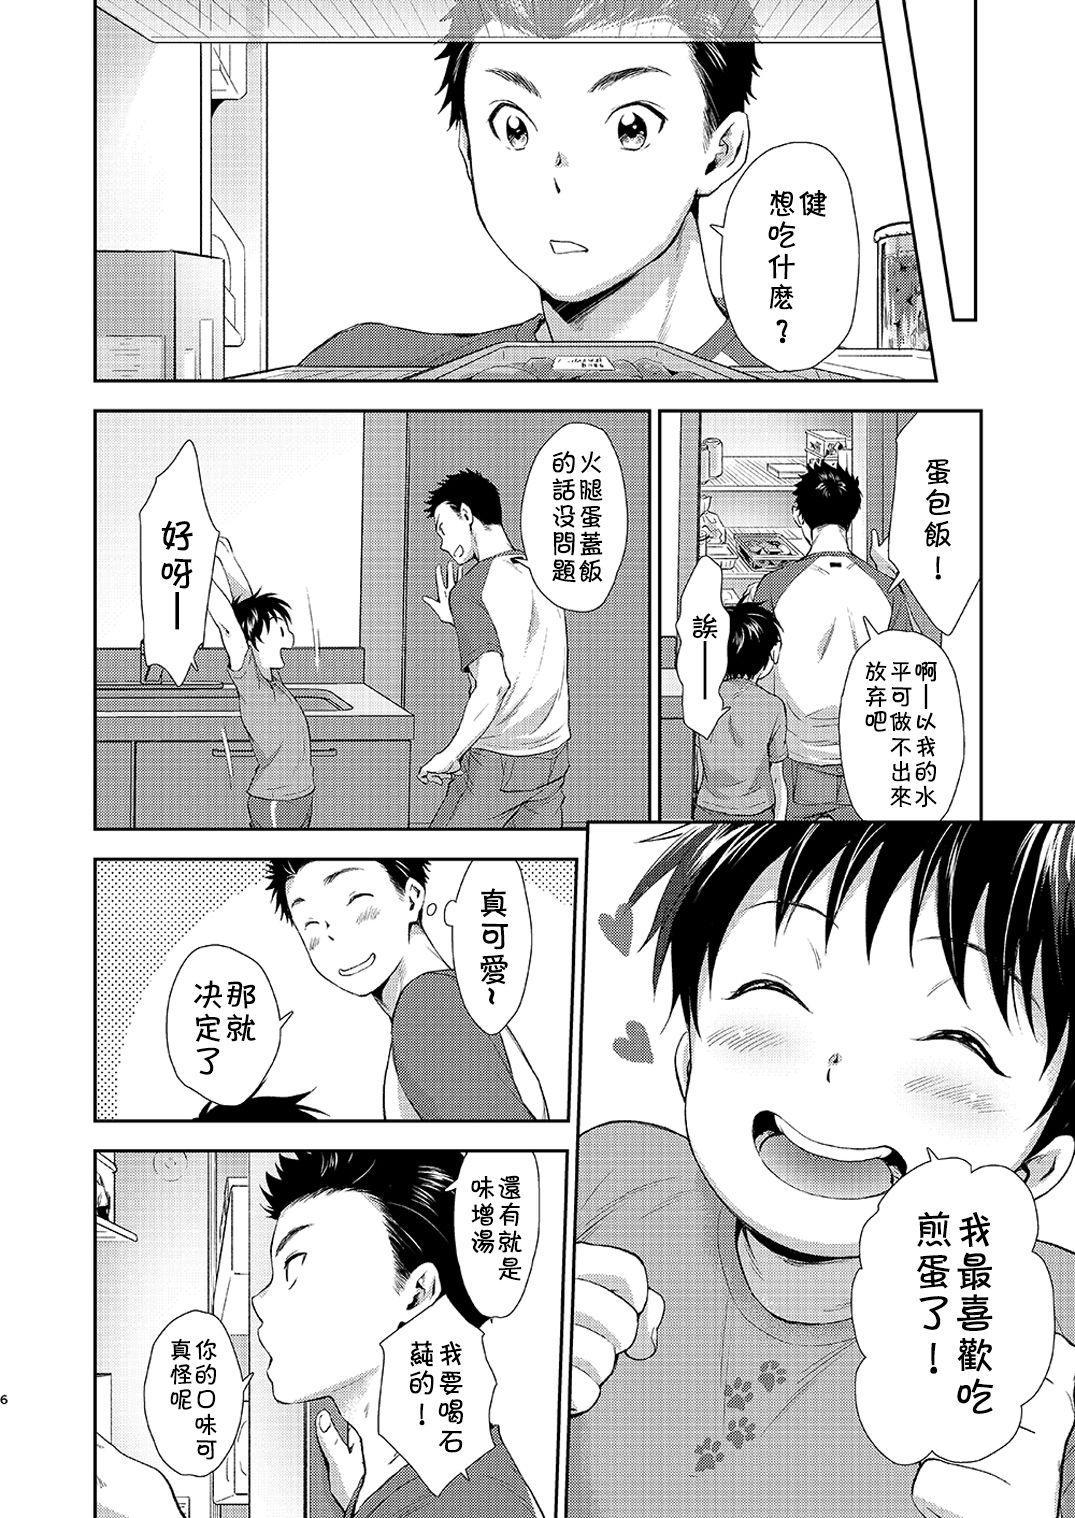 Kekkon Kinenbi no Sugoshikata 5